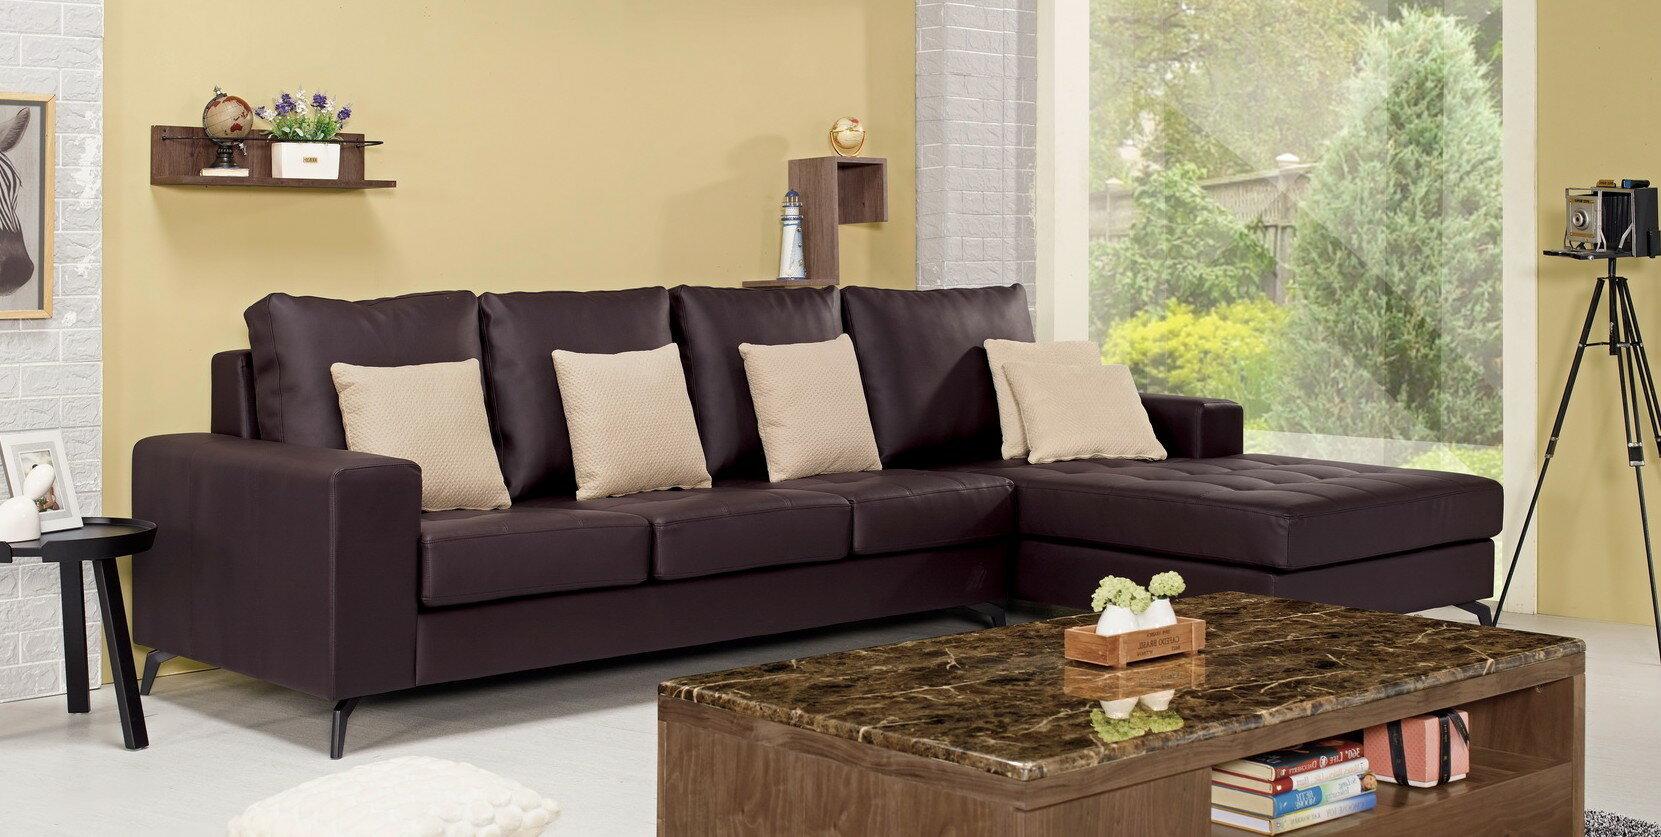 【簡單家具】,G700-3 羅伯特L型沙發(全組),大台北都會區免運費